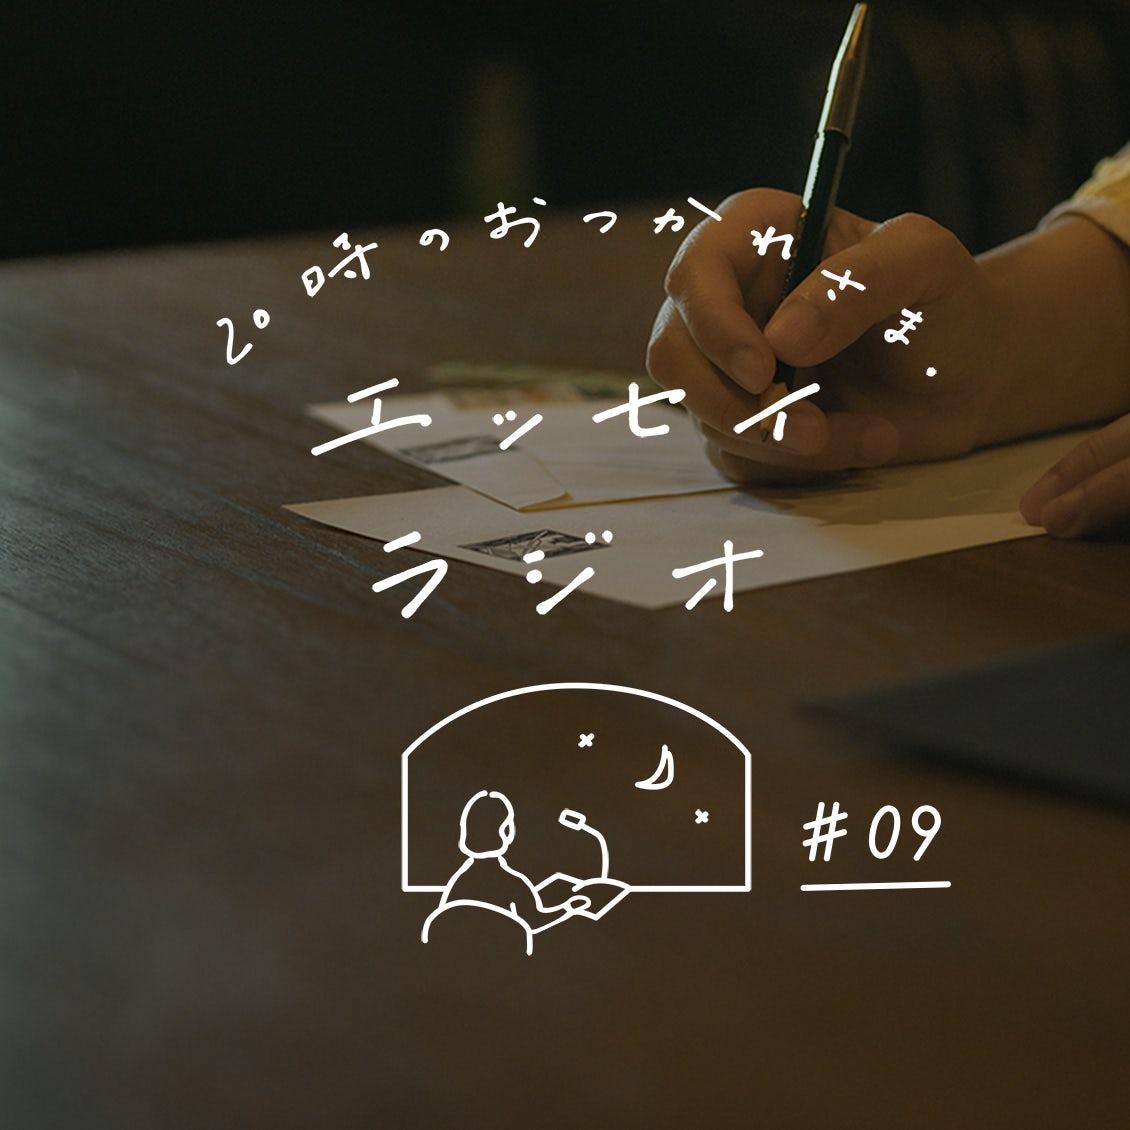 【エッセイラジオ】第9夜:甲斐みのりさんのエッセイ「夜のとっておき、手紙の時間」(読み手:スタッフ岡本)